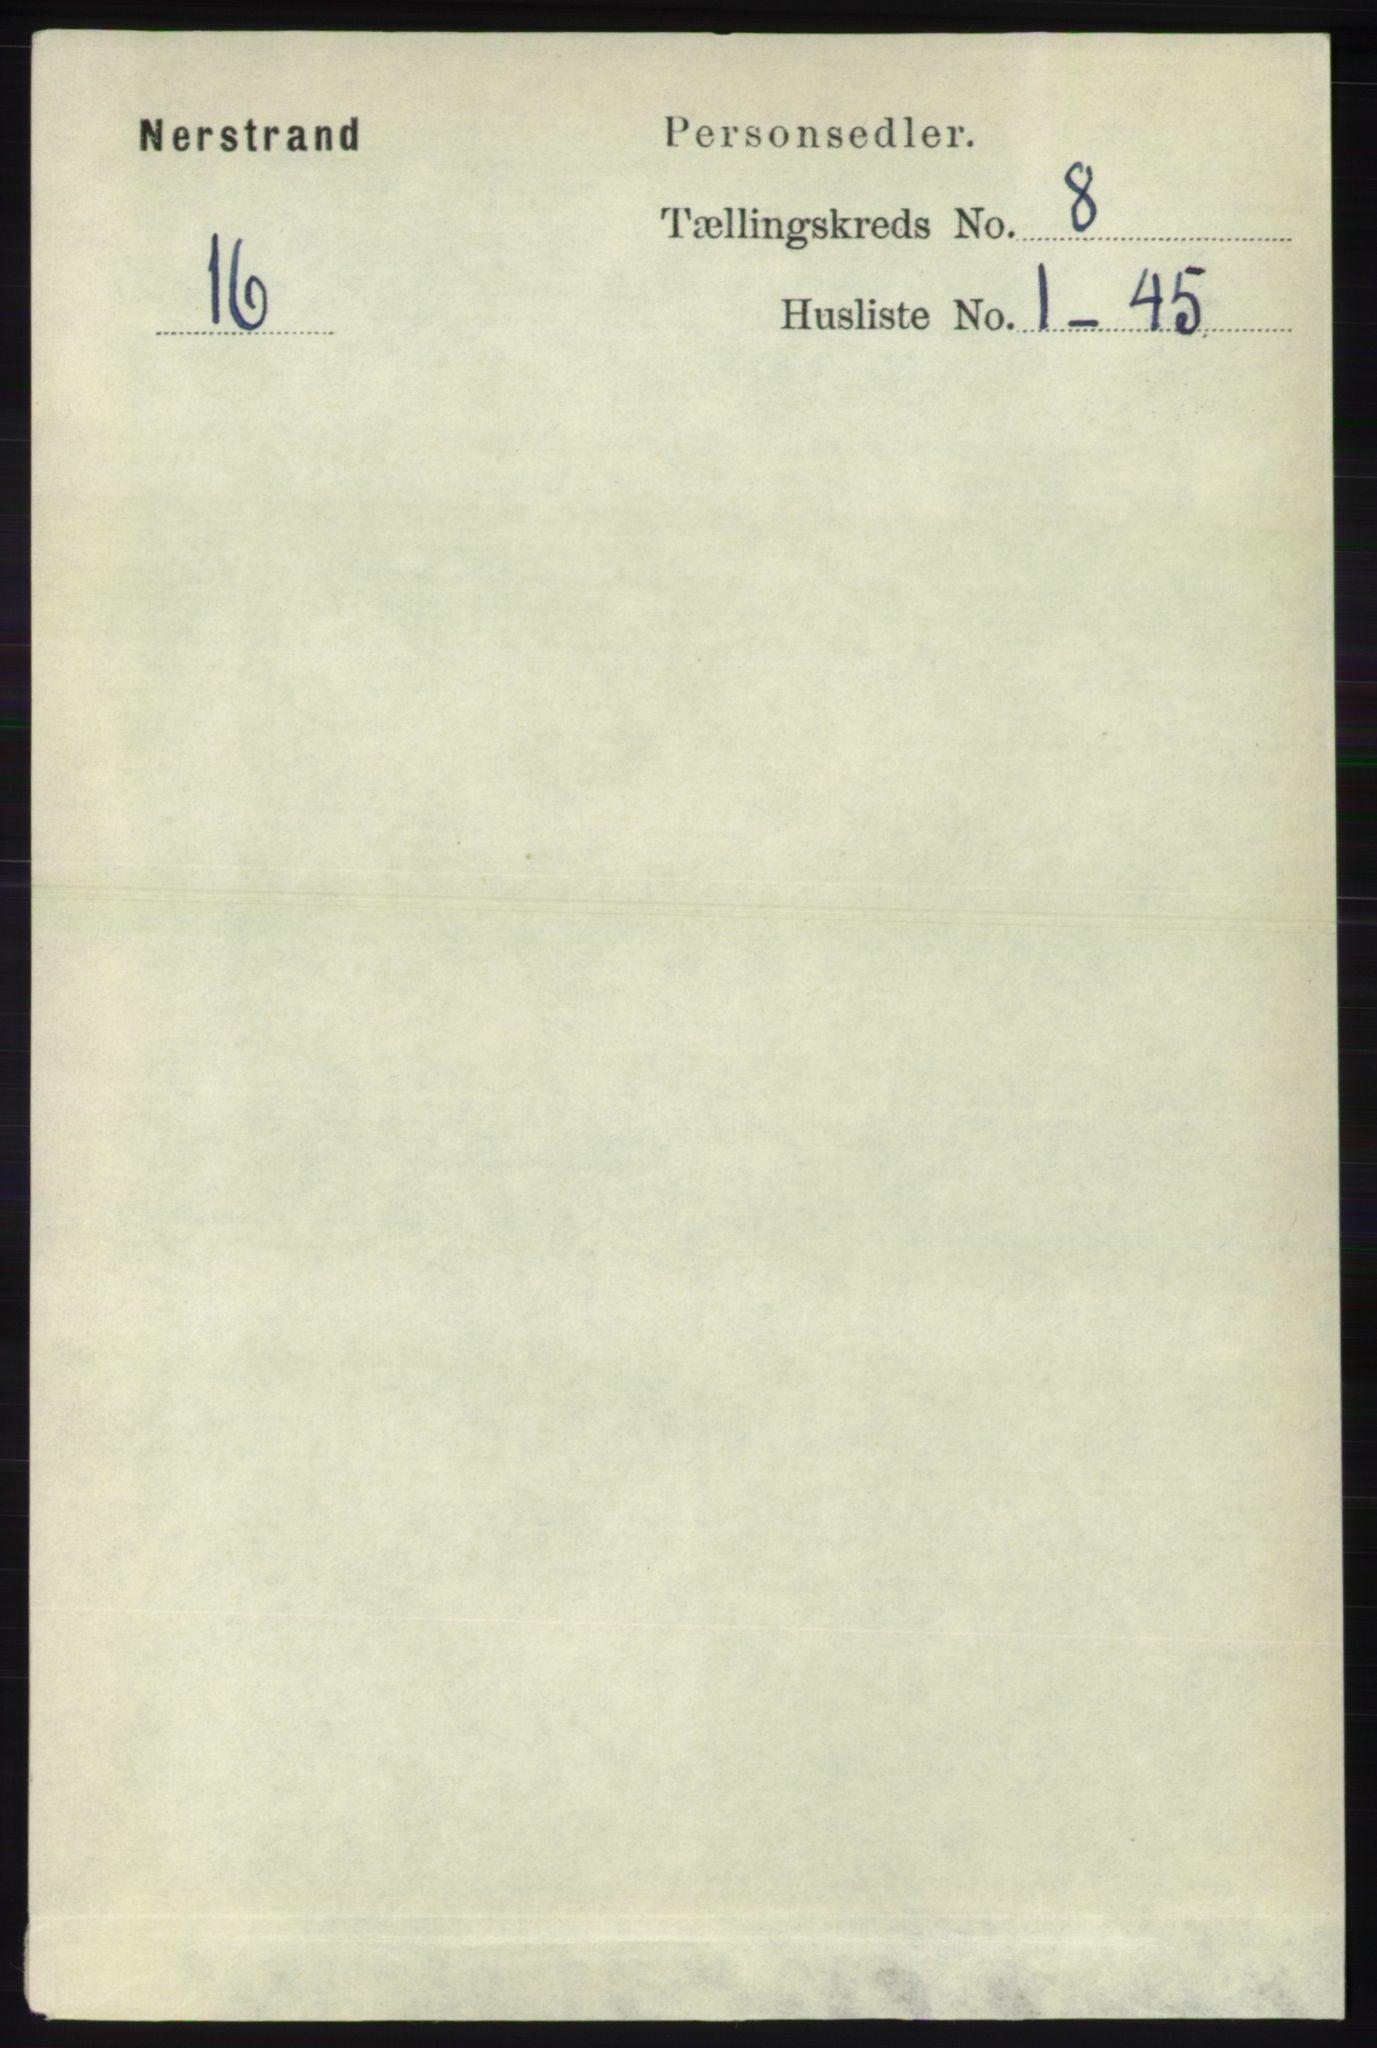 RA, Folketelling 1891 for 1139 Nedstrand herred, 1891, s. 1436